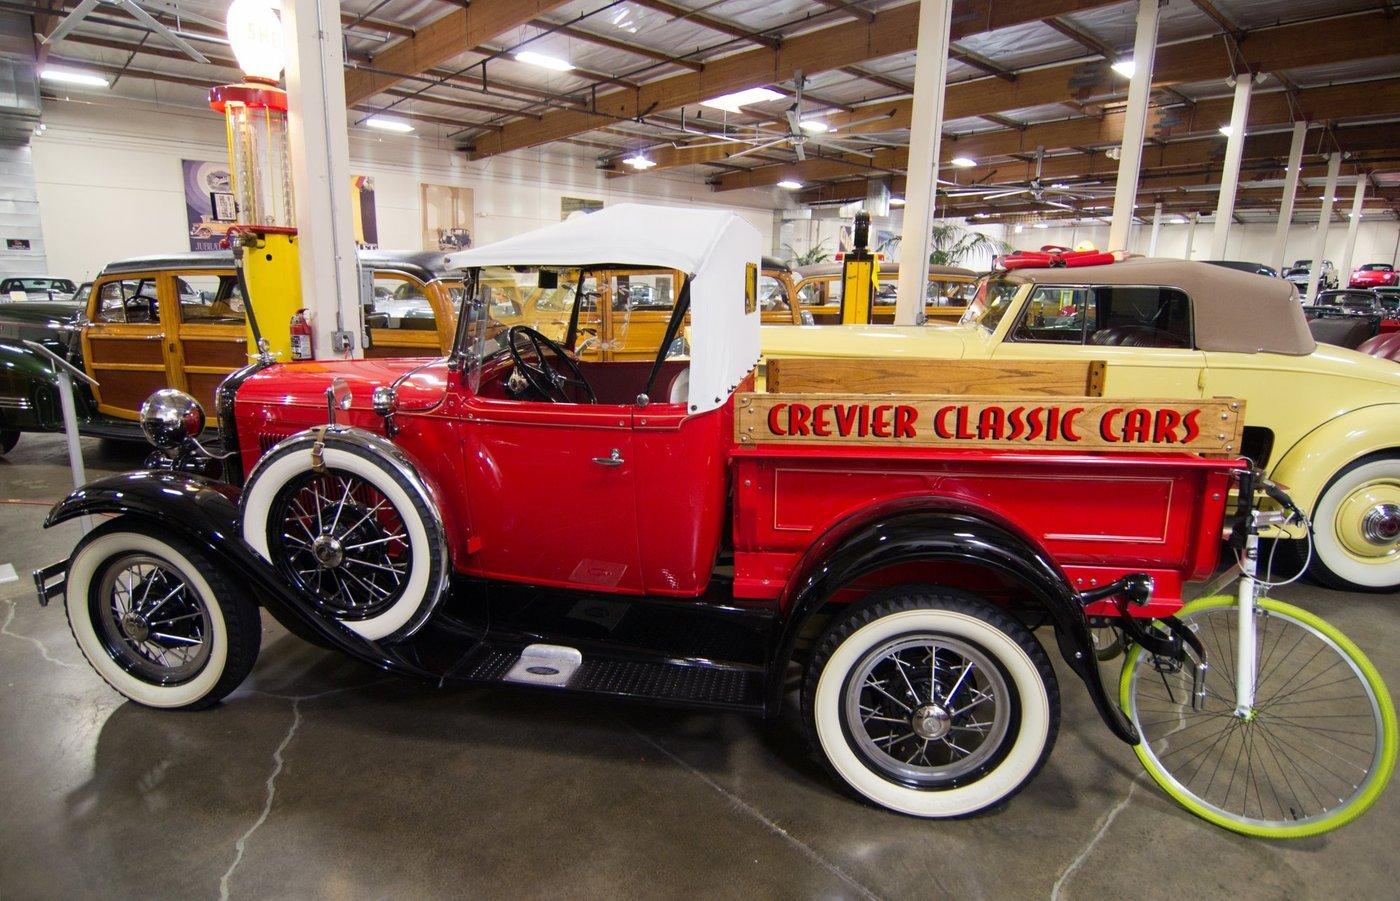 Crevier Classic Cars - Pt 1 - PentaxForums.com